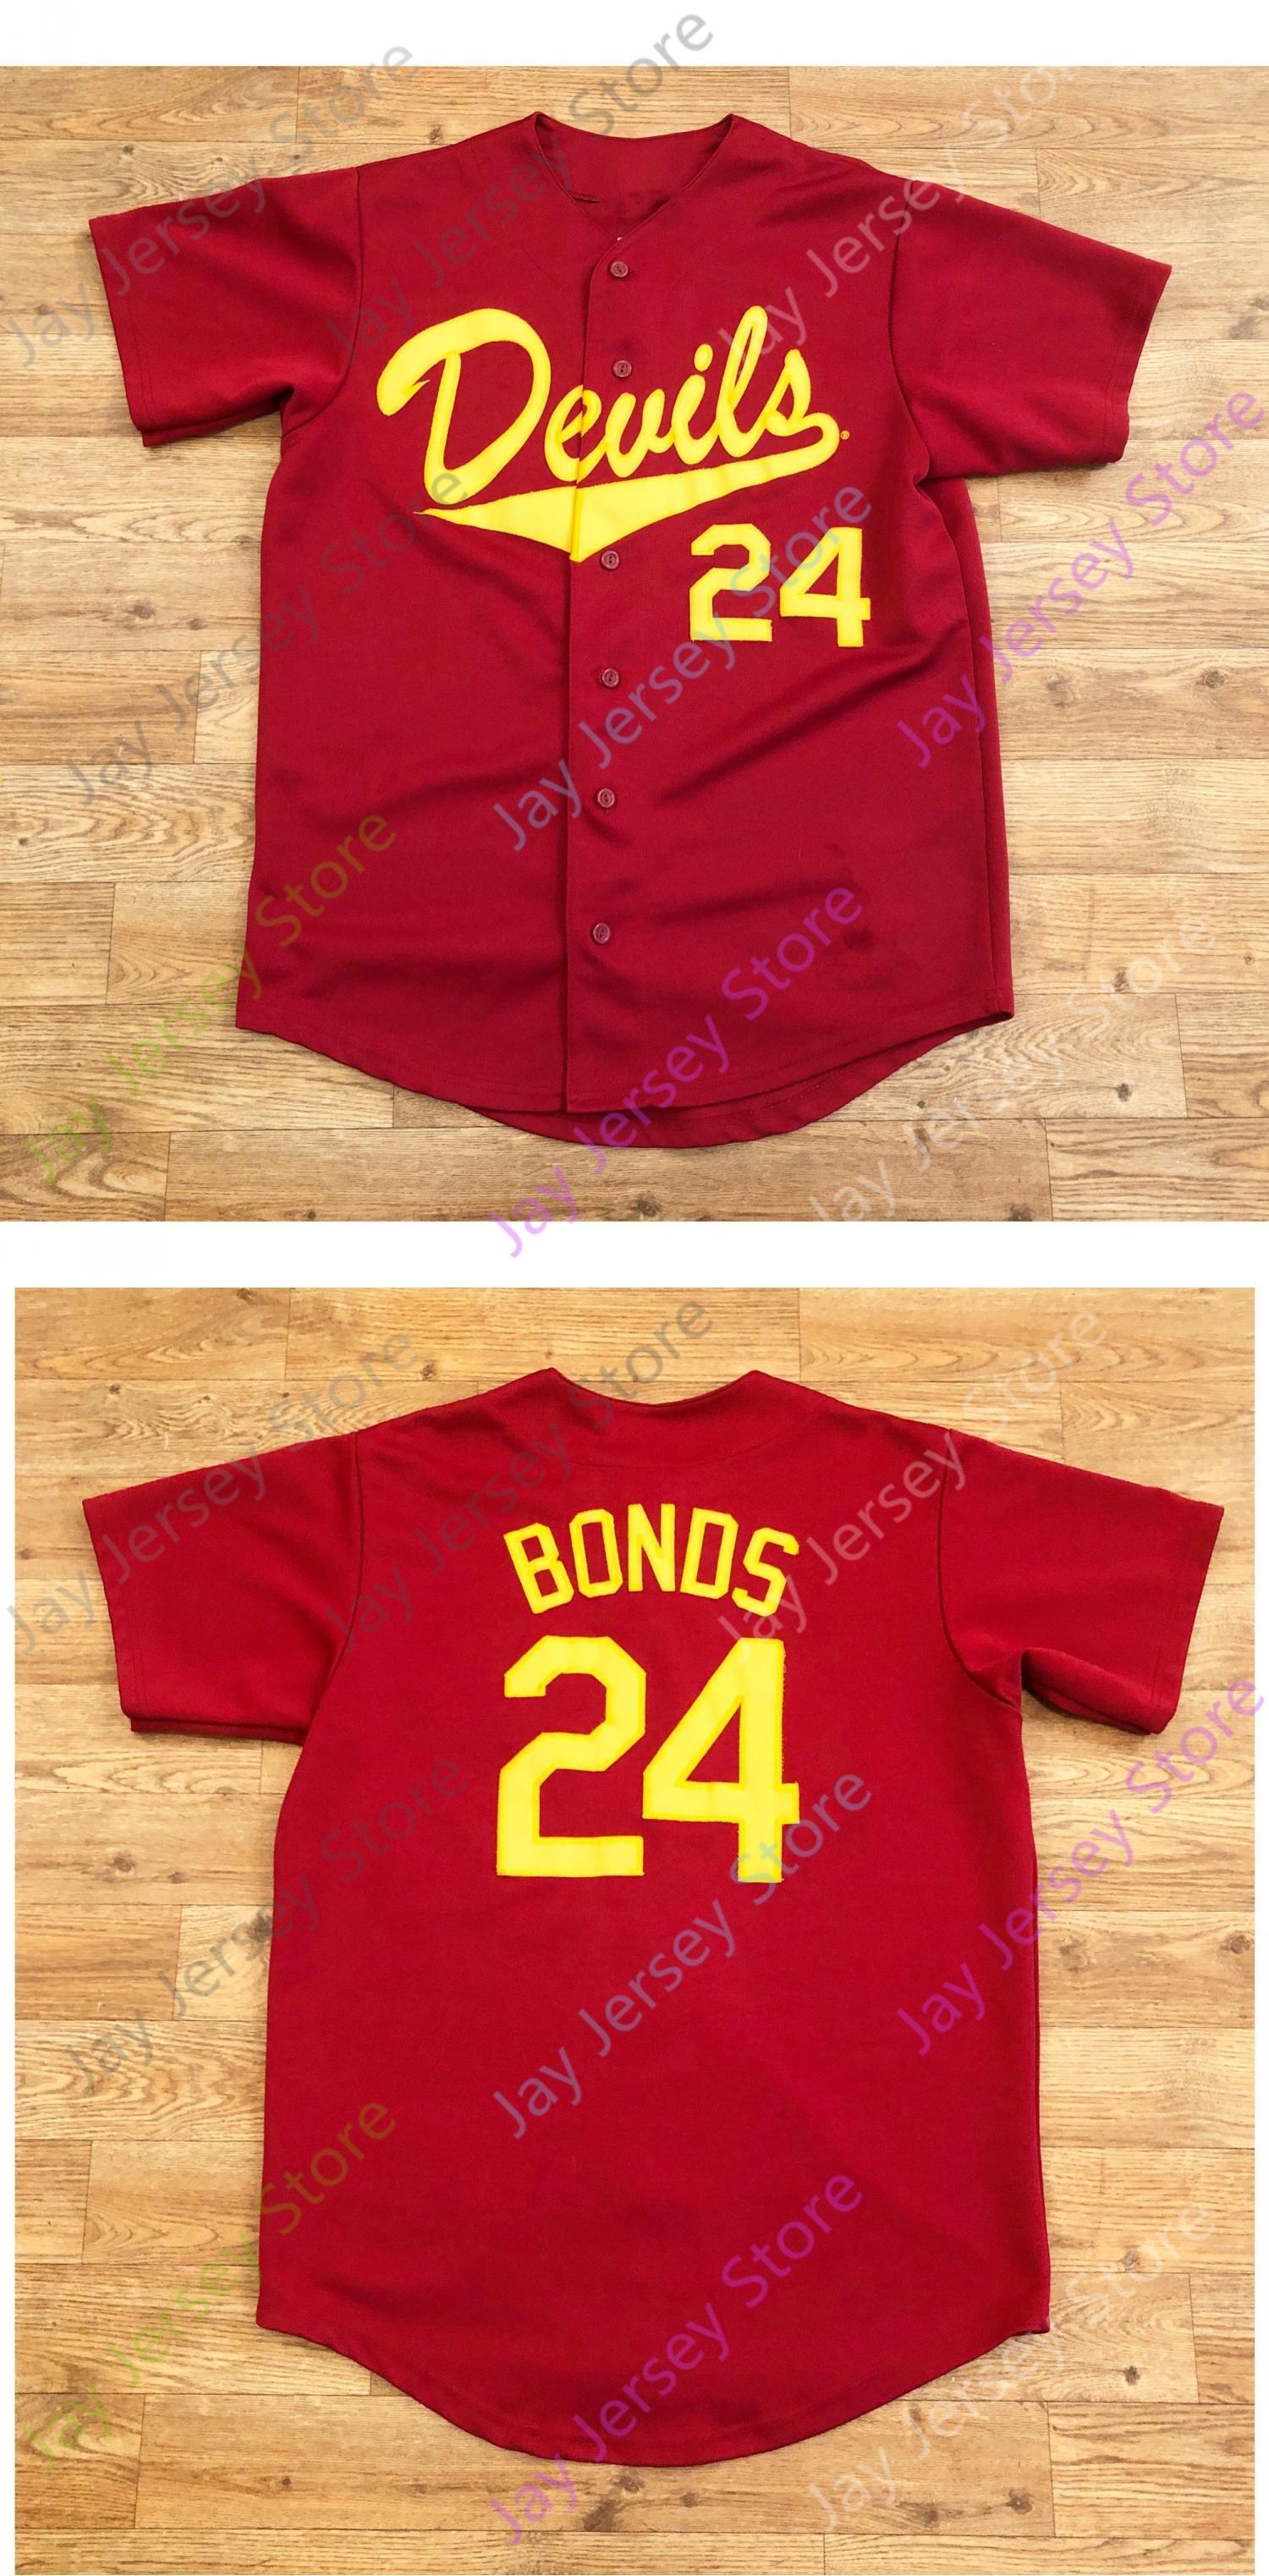 ASU Arizona State College NCAA Baseball Jersey 24 Barry Bonds Jerseys tamanho S-4XL Red Tudo costurado com botões